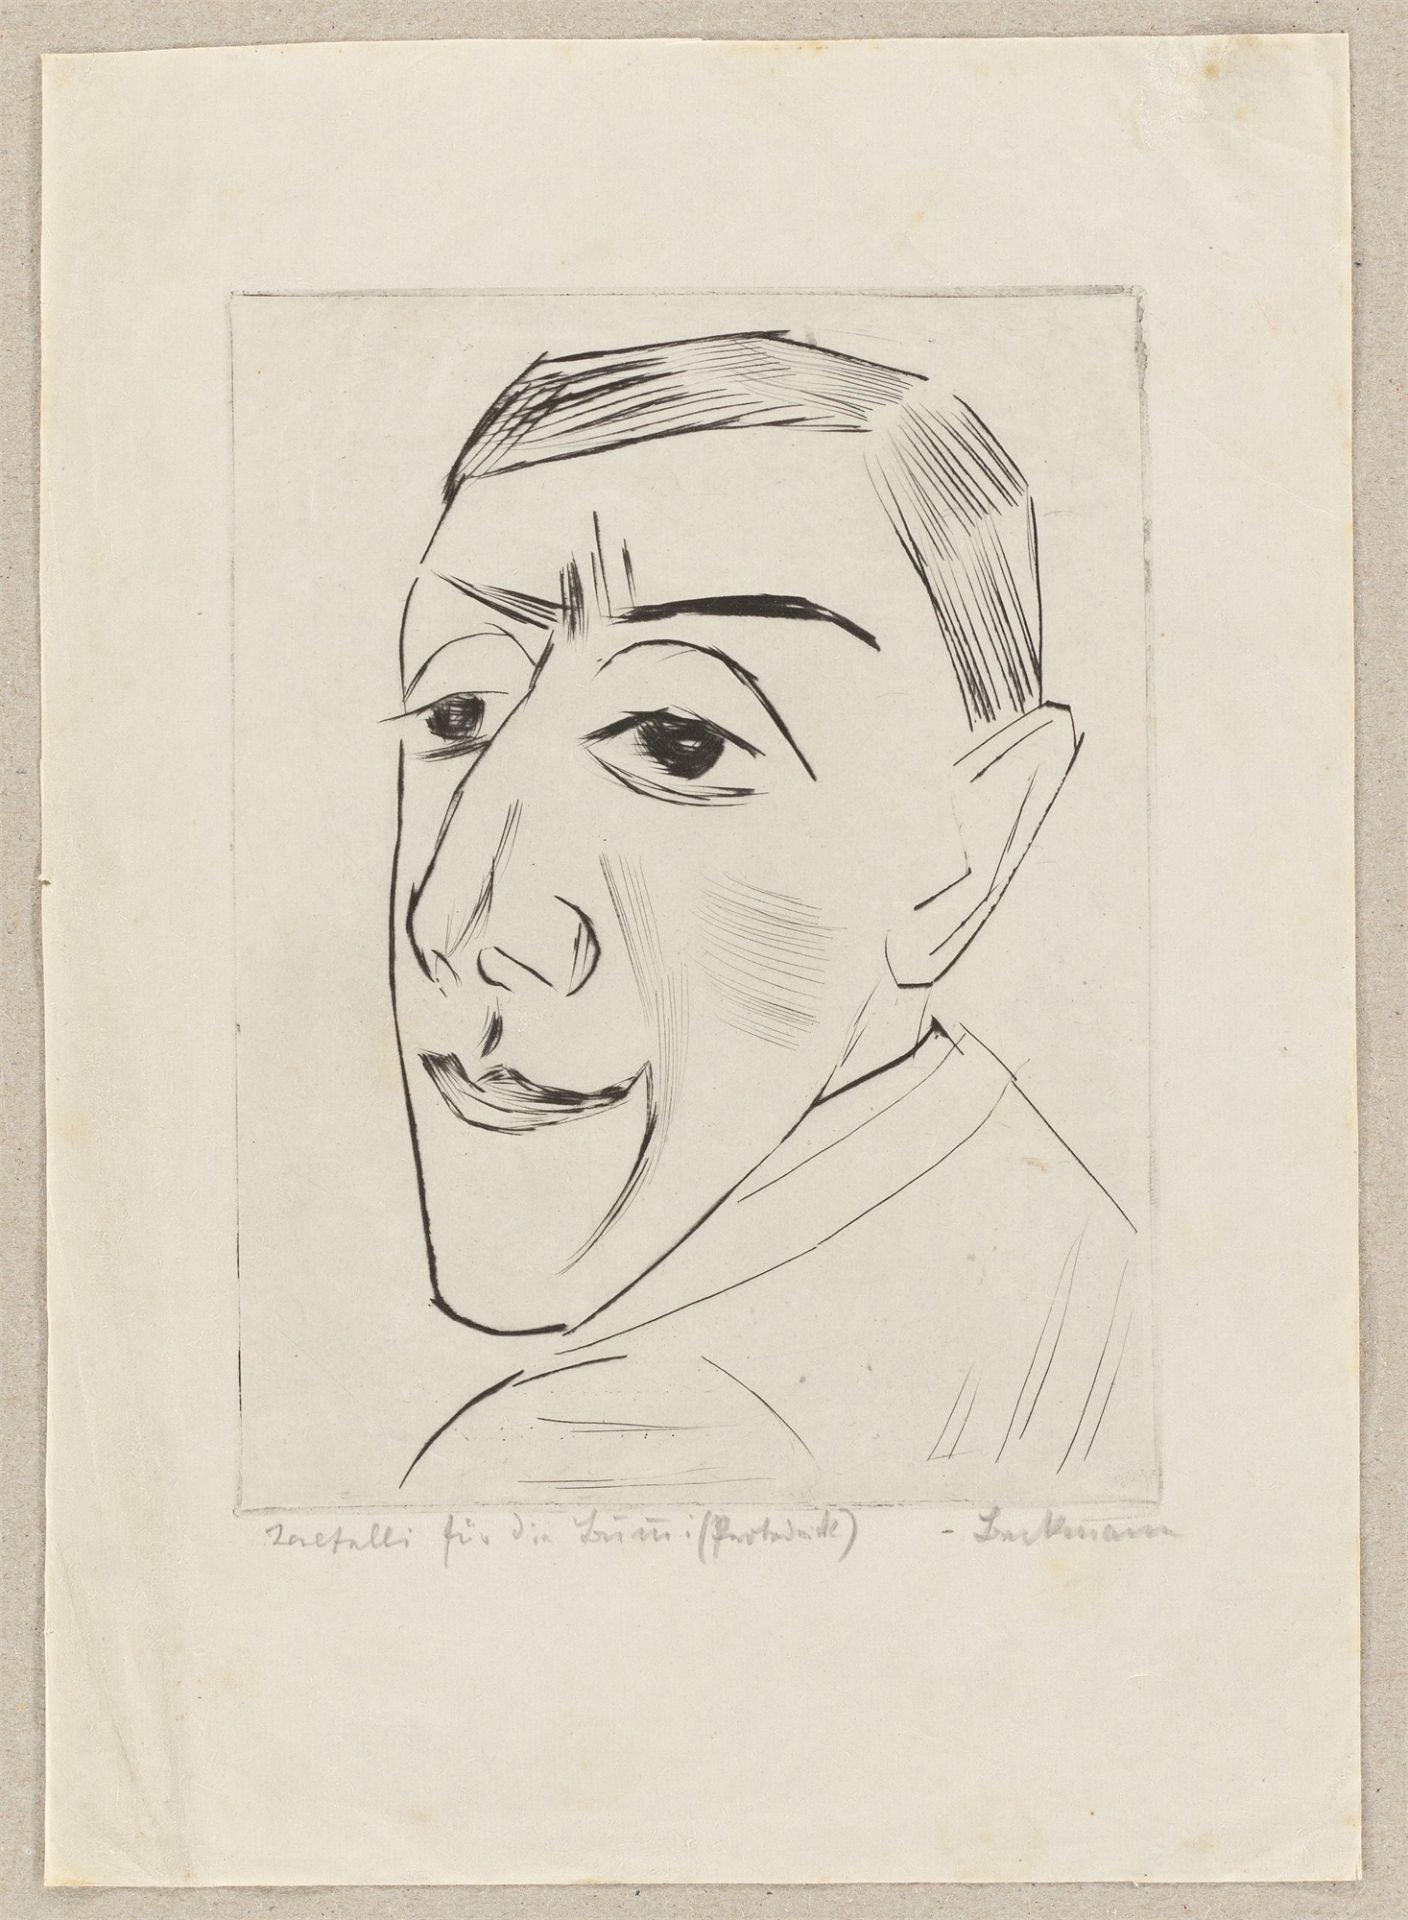 """Max Beckmann. """"Bildnis des Schauspielers N.M. Zeretelli"""". 1924 - Image 2 of 4"""